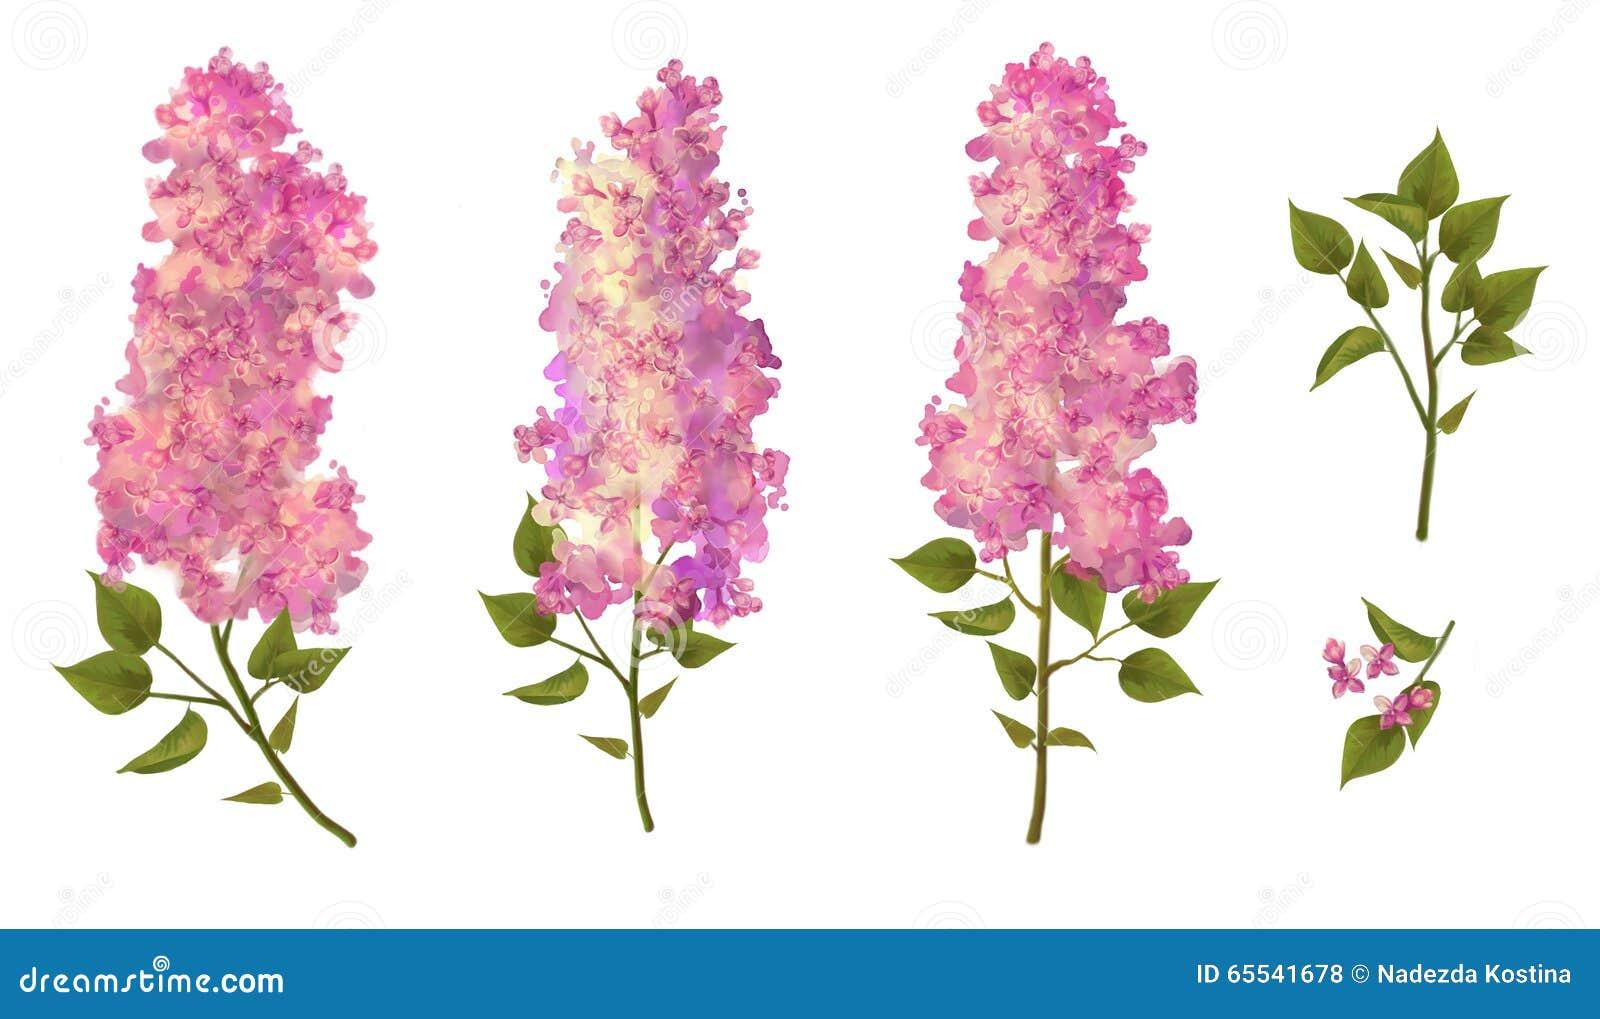 Dessin d 39 aquarelle de lilas illustration stock - Dessin de lilas ...